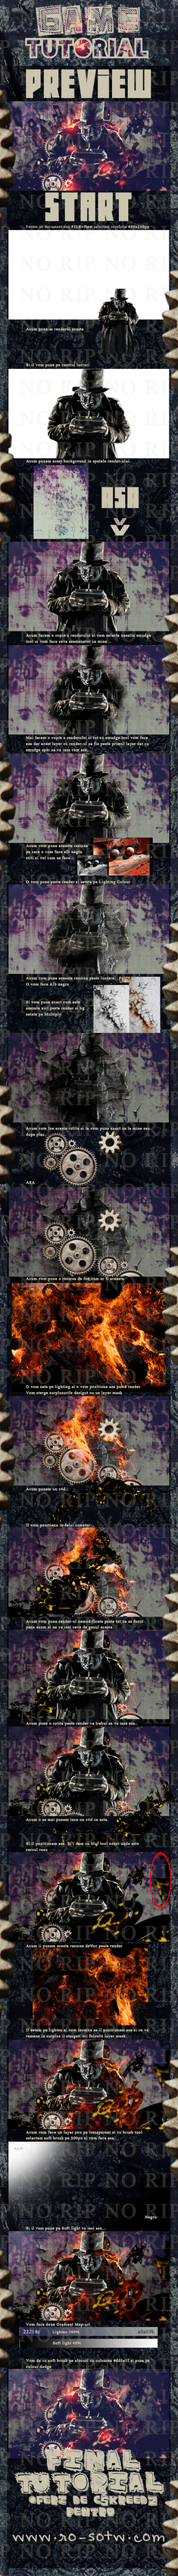 GAME SIG TUTORIAL + RESOURCE by CsKreedz